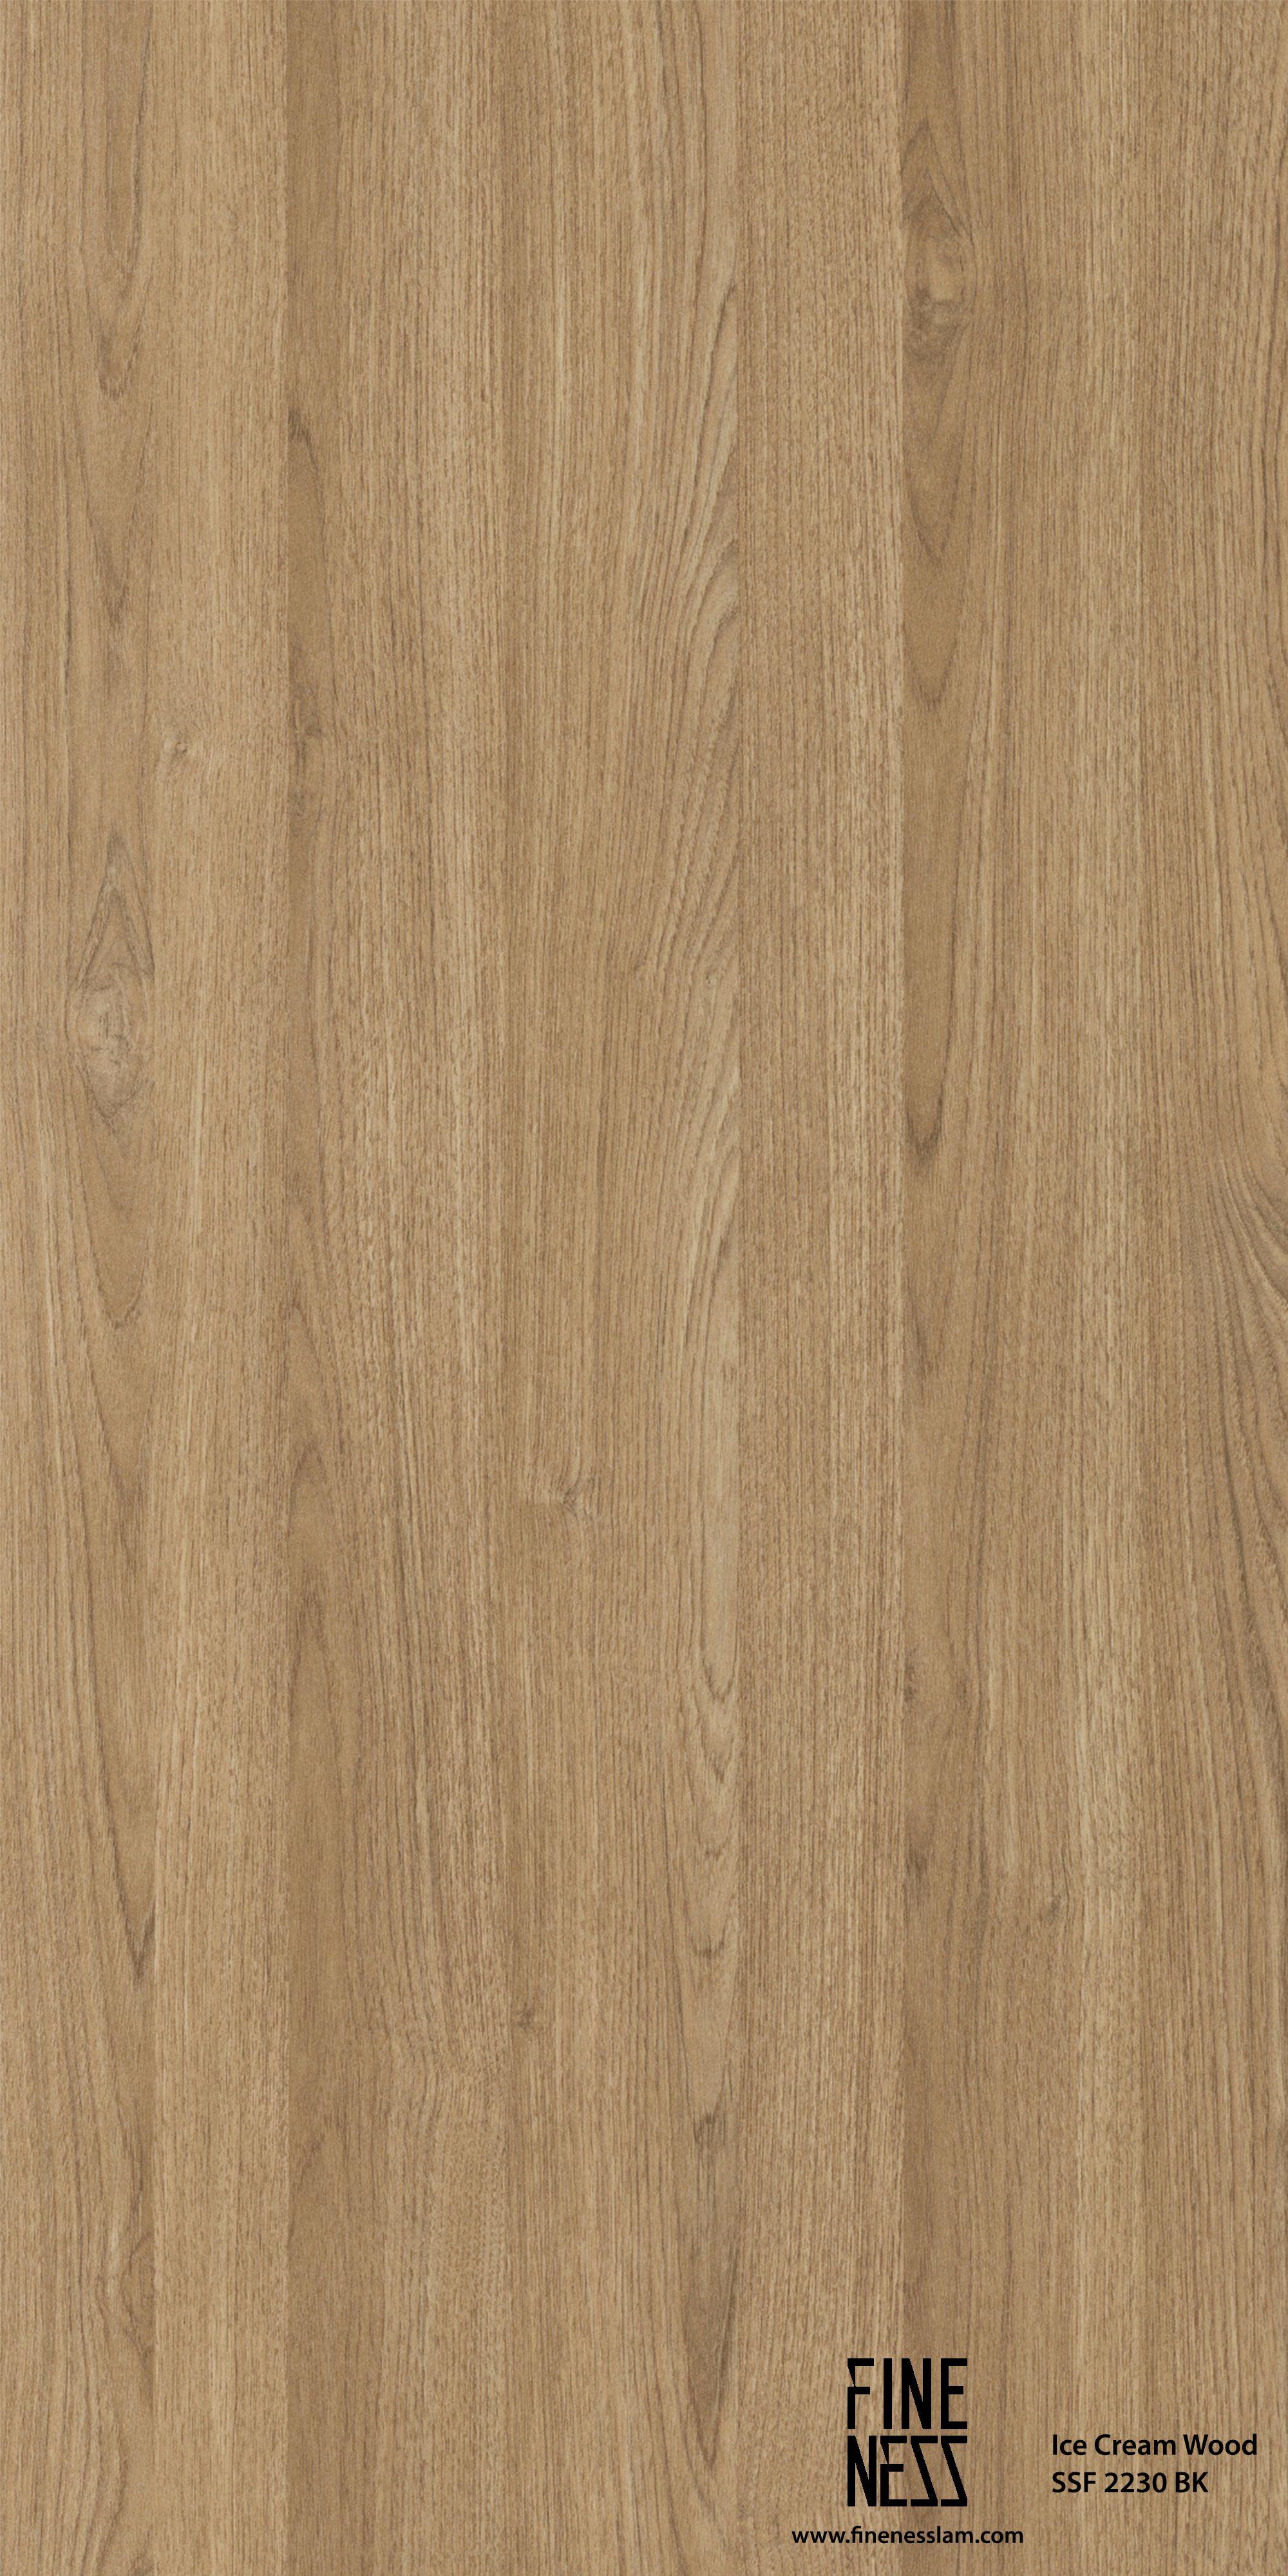 Ssf 2230 Ice Cream Wood Veneer Texture Wood Texture Wood